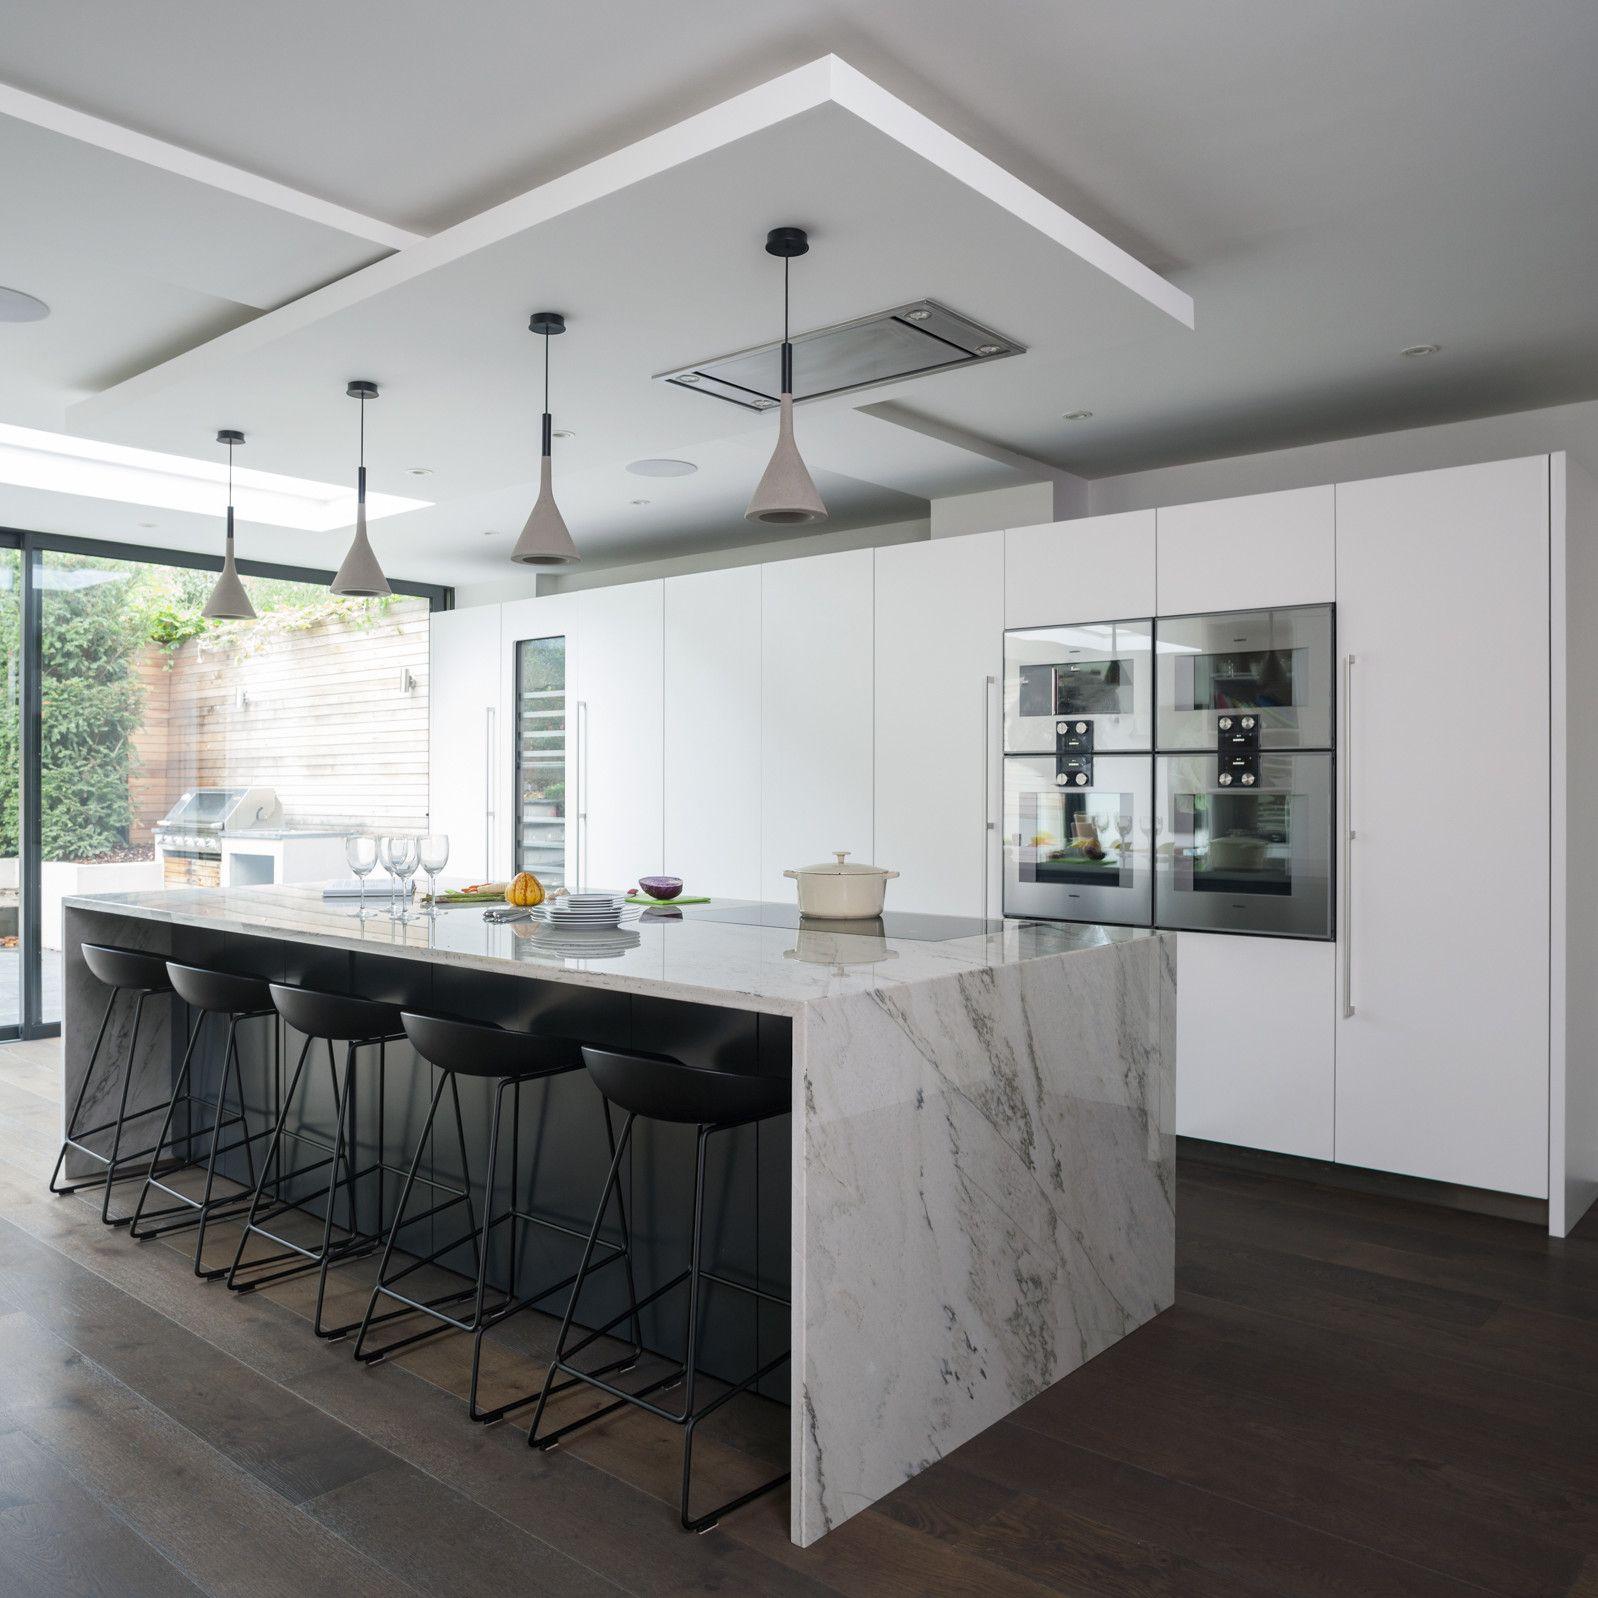 Bespoke Kitchen Ideas Cabinets Cupboards Storages White Modern Kitchen Black Kitchen Island White Kitchen Island